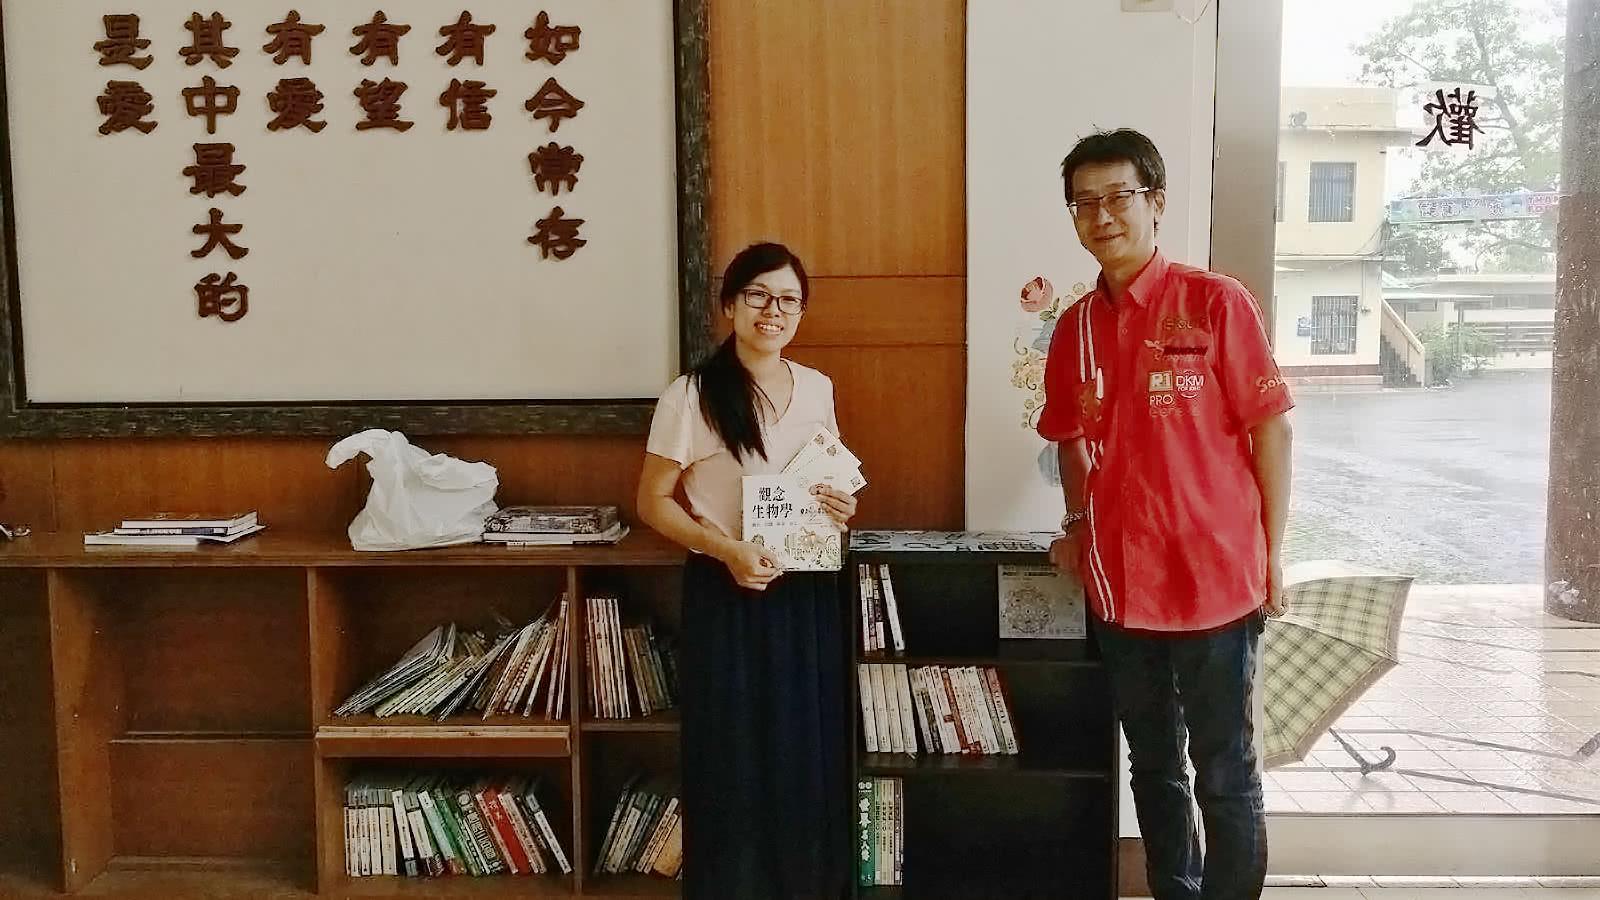 2017年 TCI 大江生医 角落书柜 里港乡 信望爱育幼院